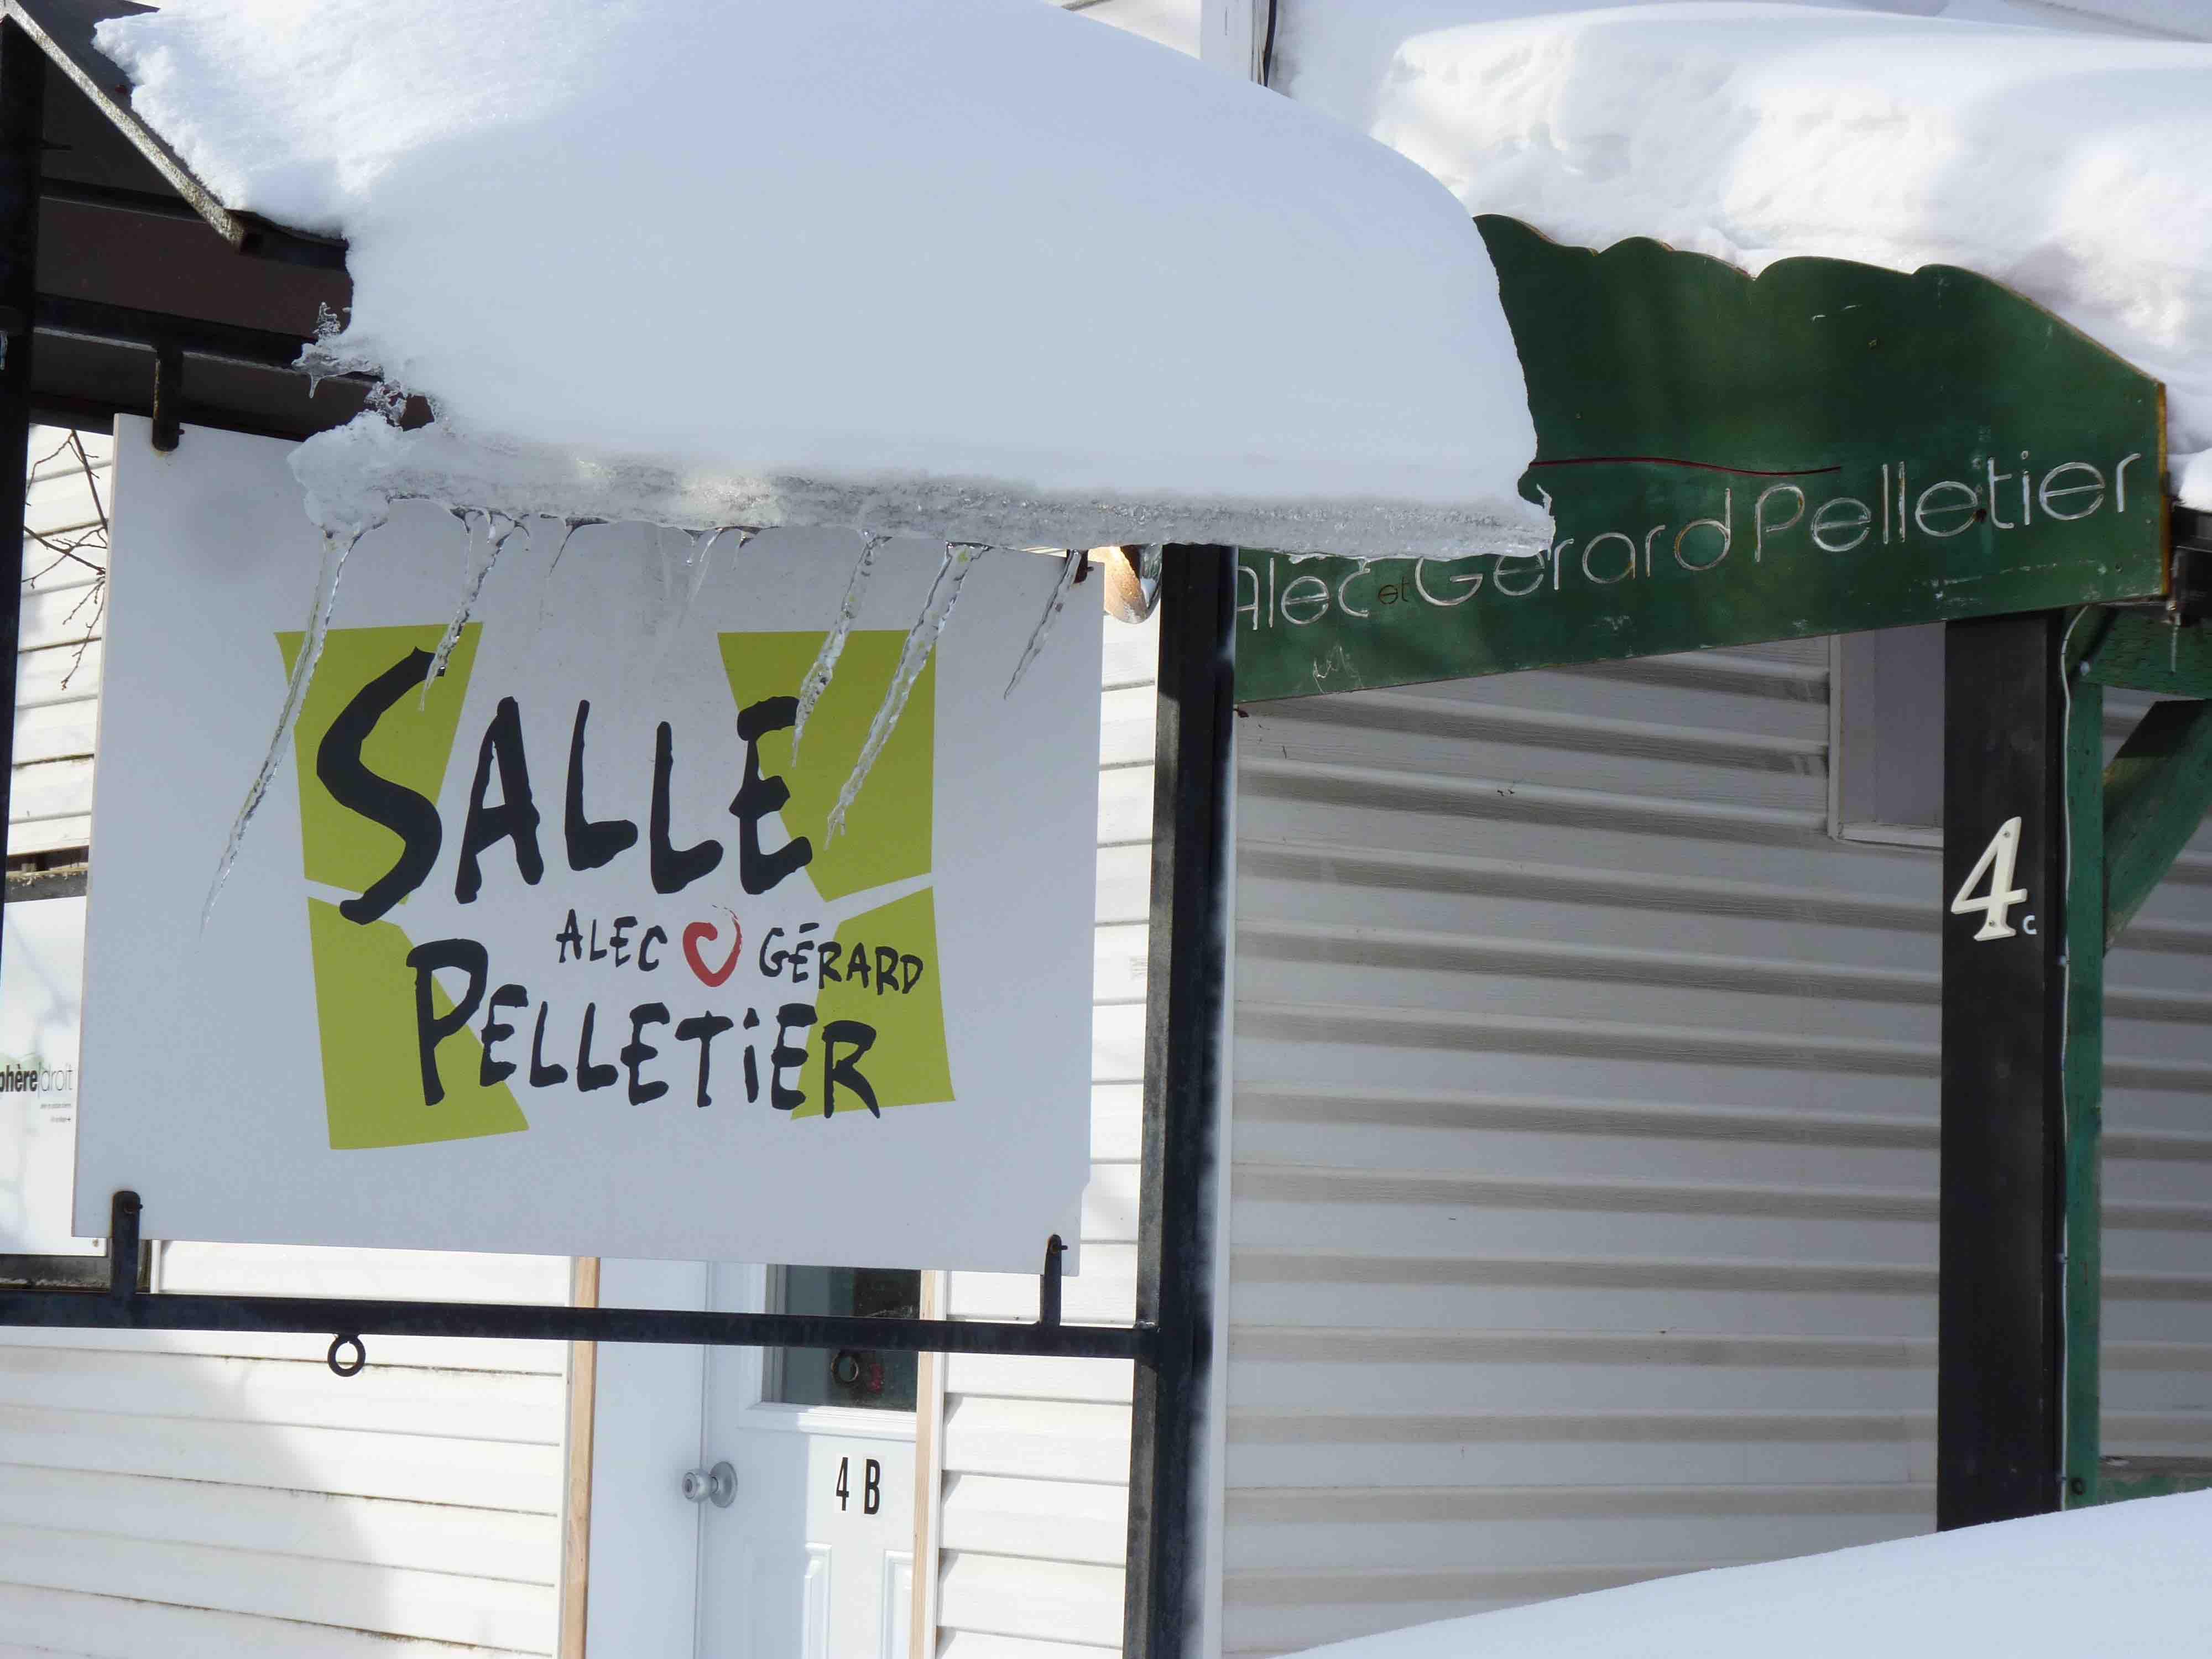 Salle Alec et Gérard Pelletier Sutton